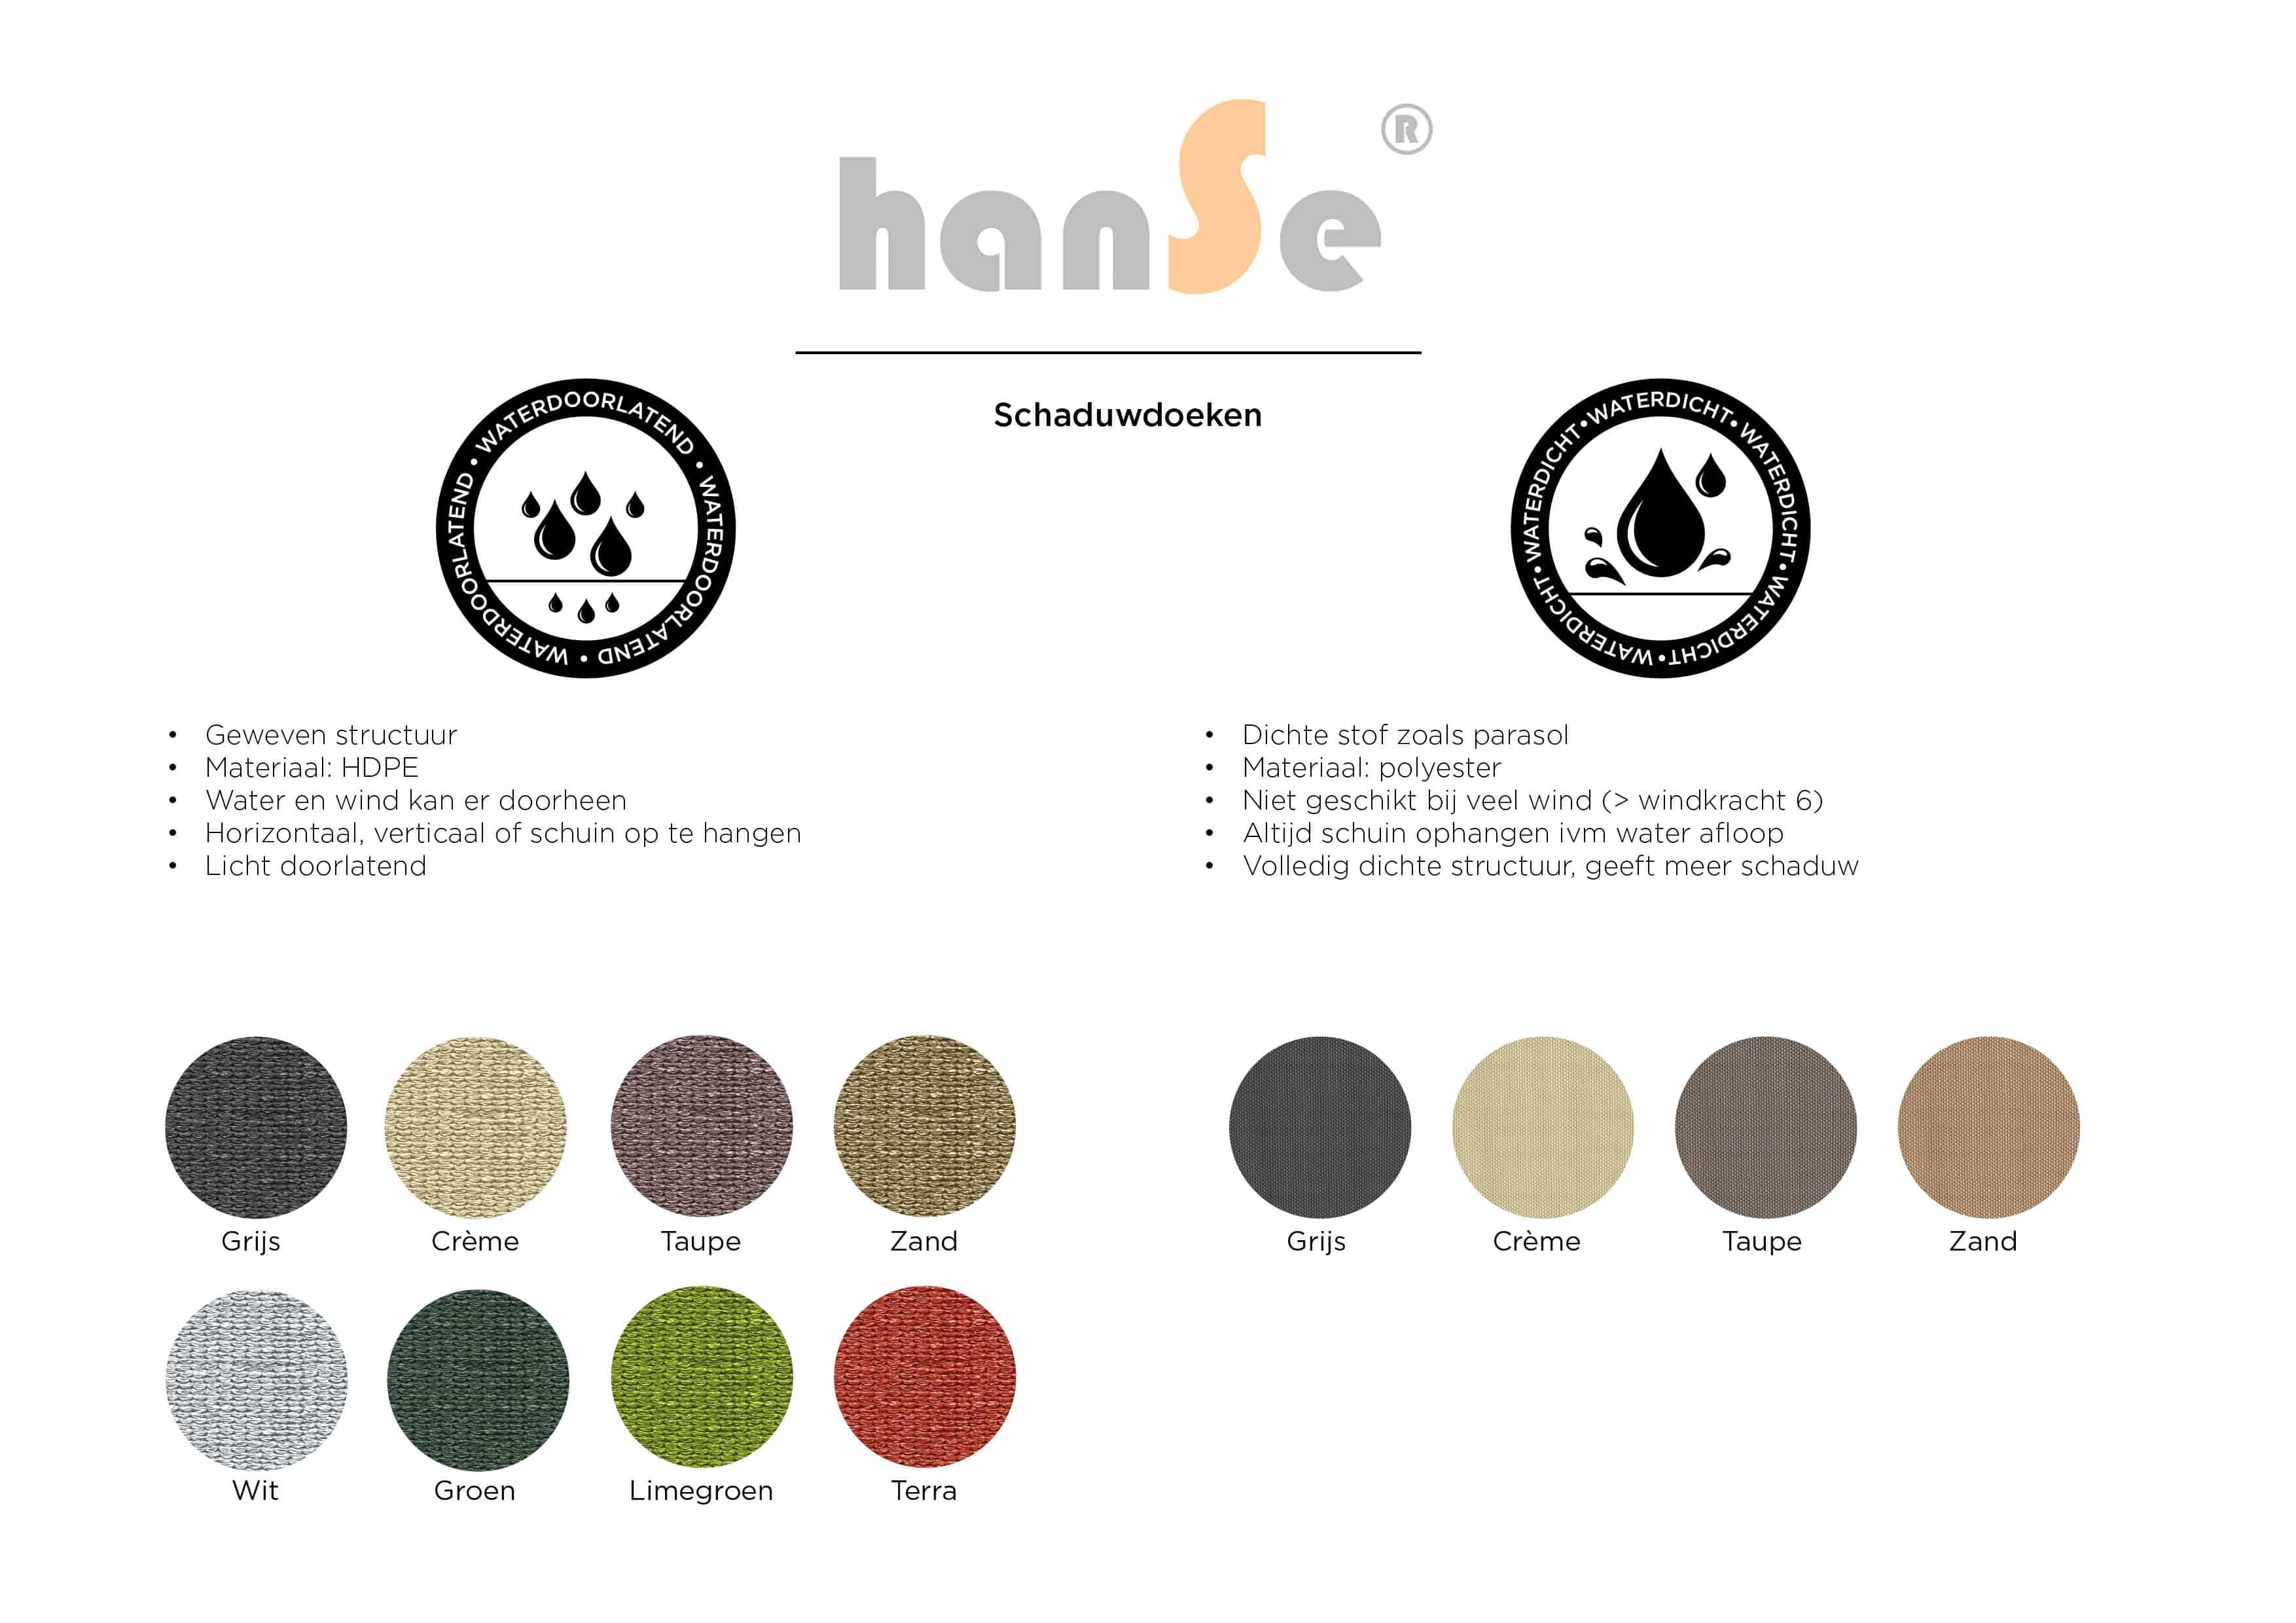 hanSe® Schaduwdoek Rechthoek Waterdoorlatend 4x7 m - zonnedoek - Creme